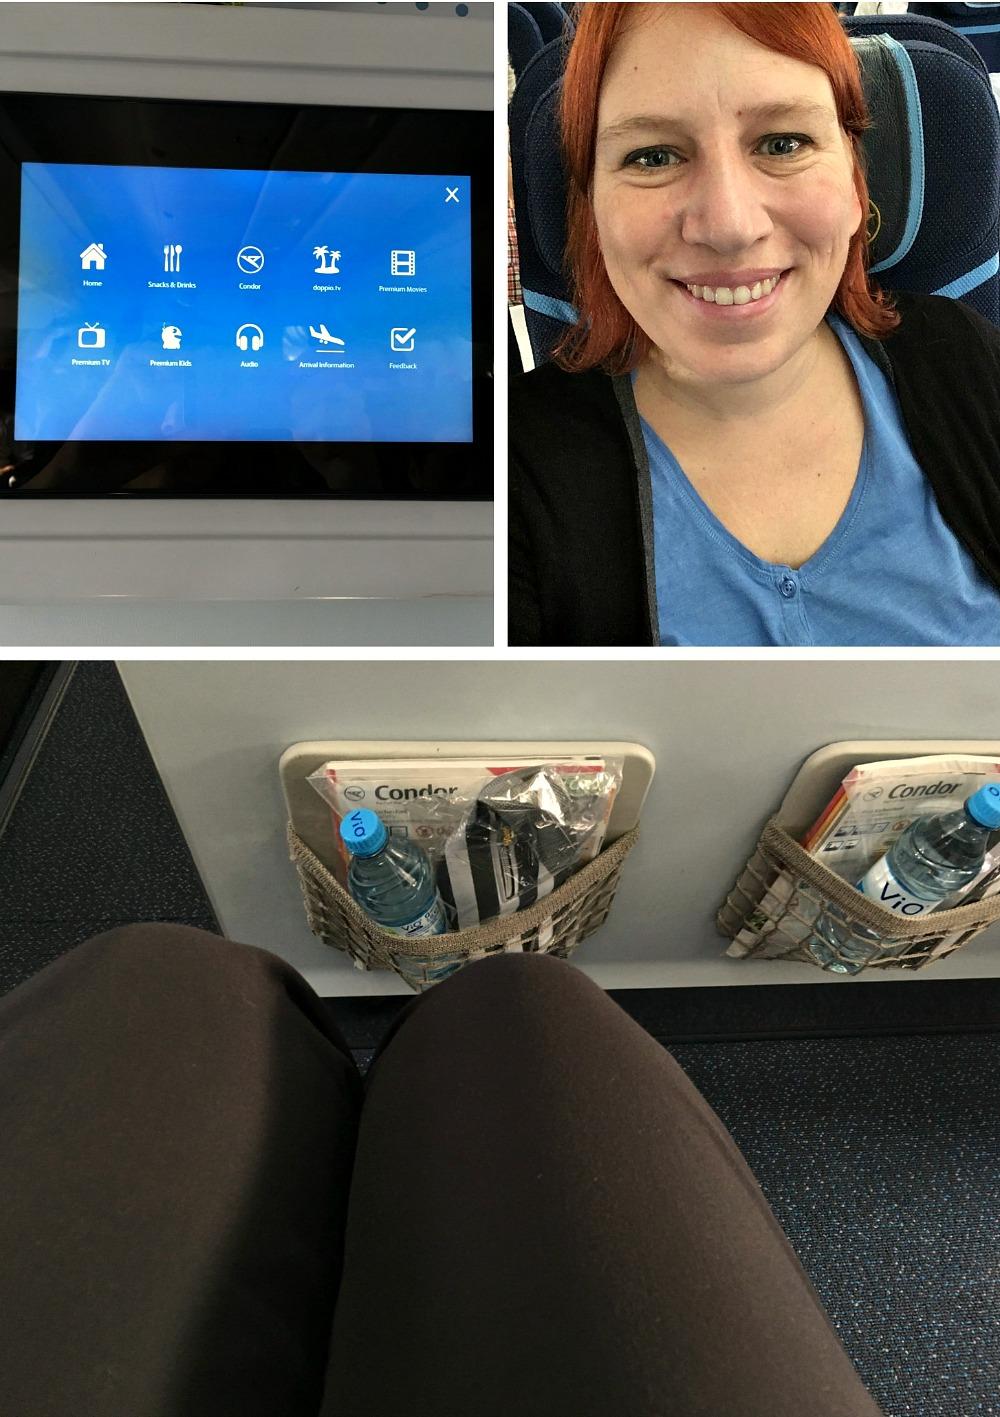 Reiseblogger Anja Beckmann in der Condor Premium Class